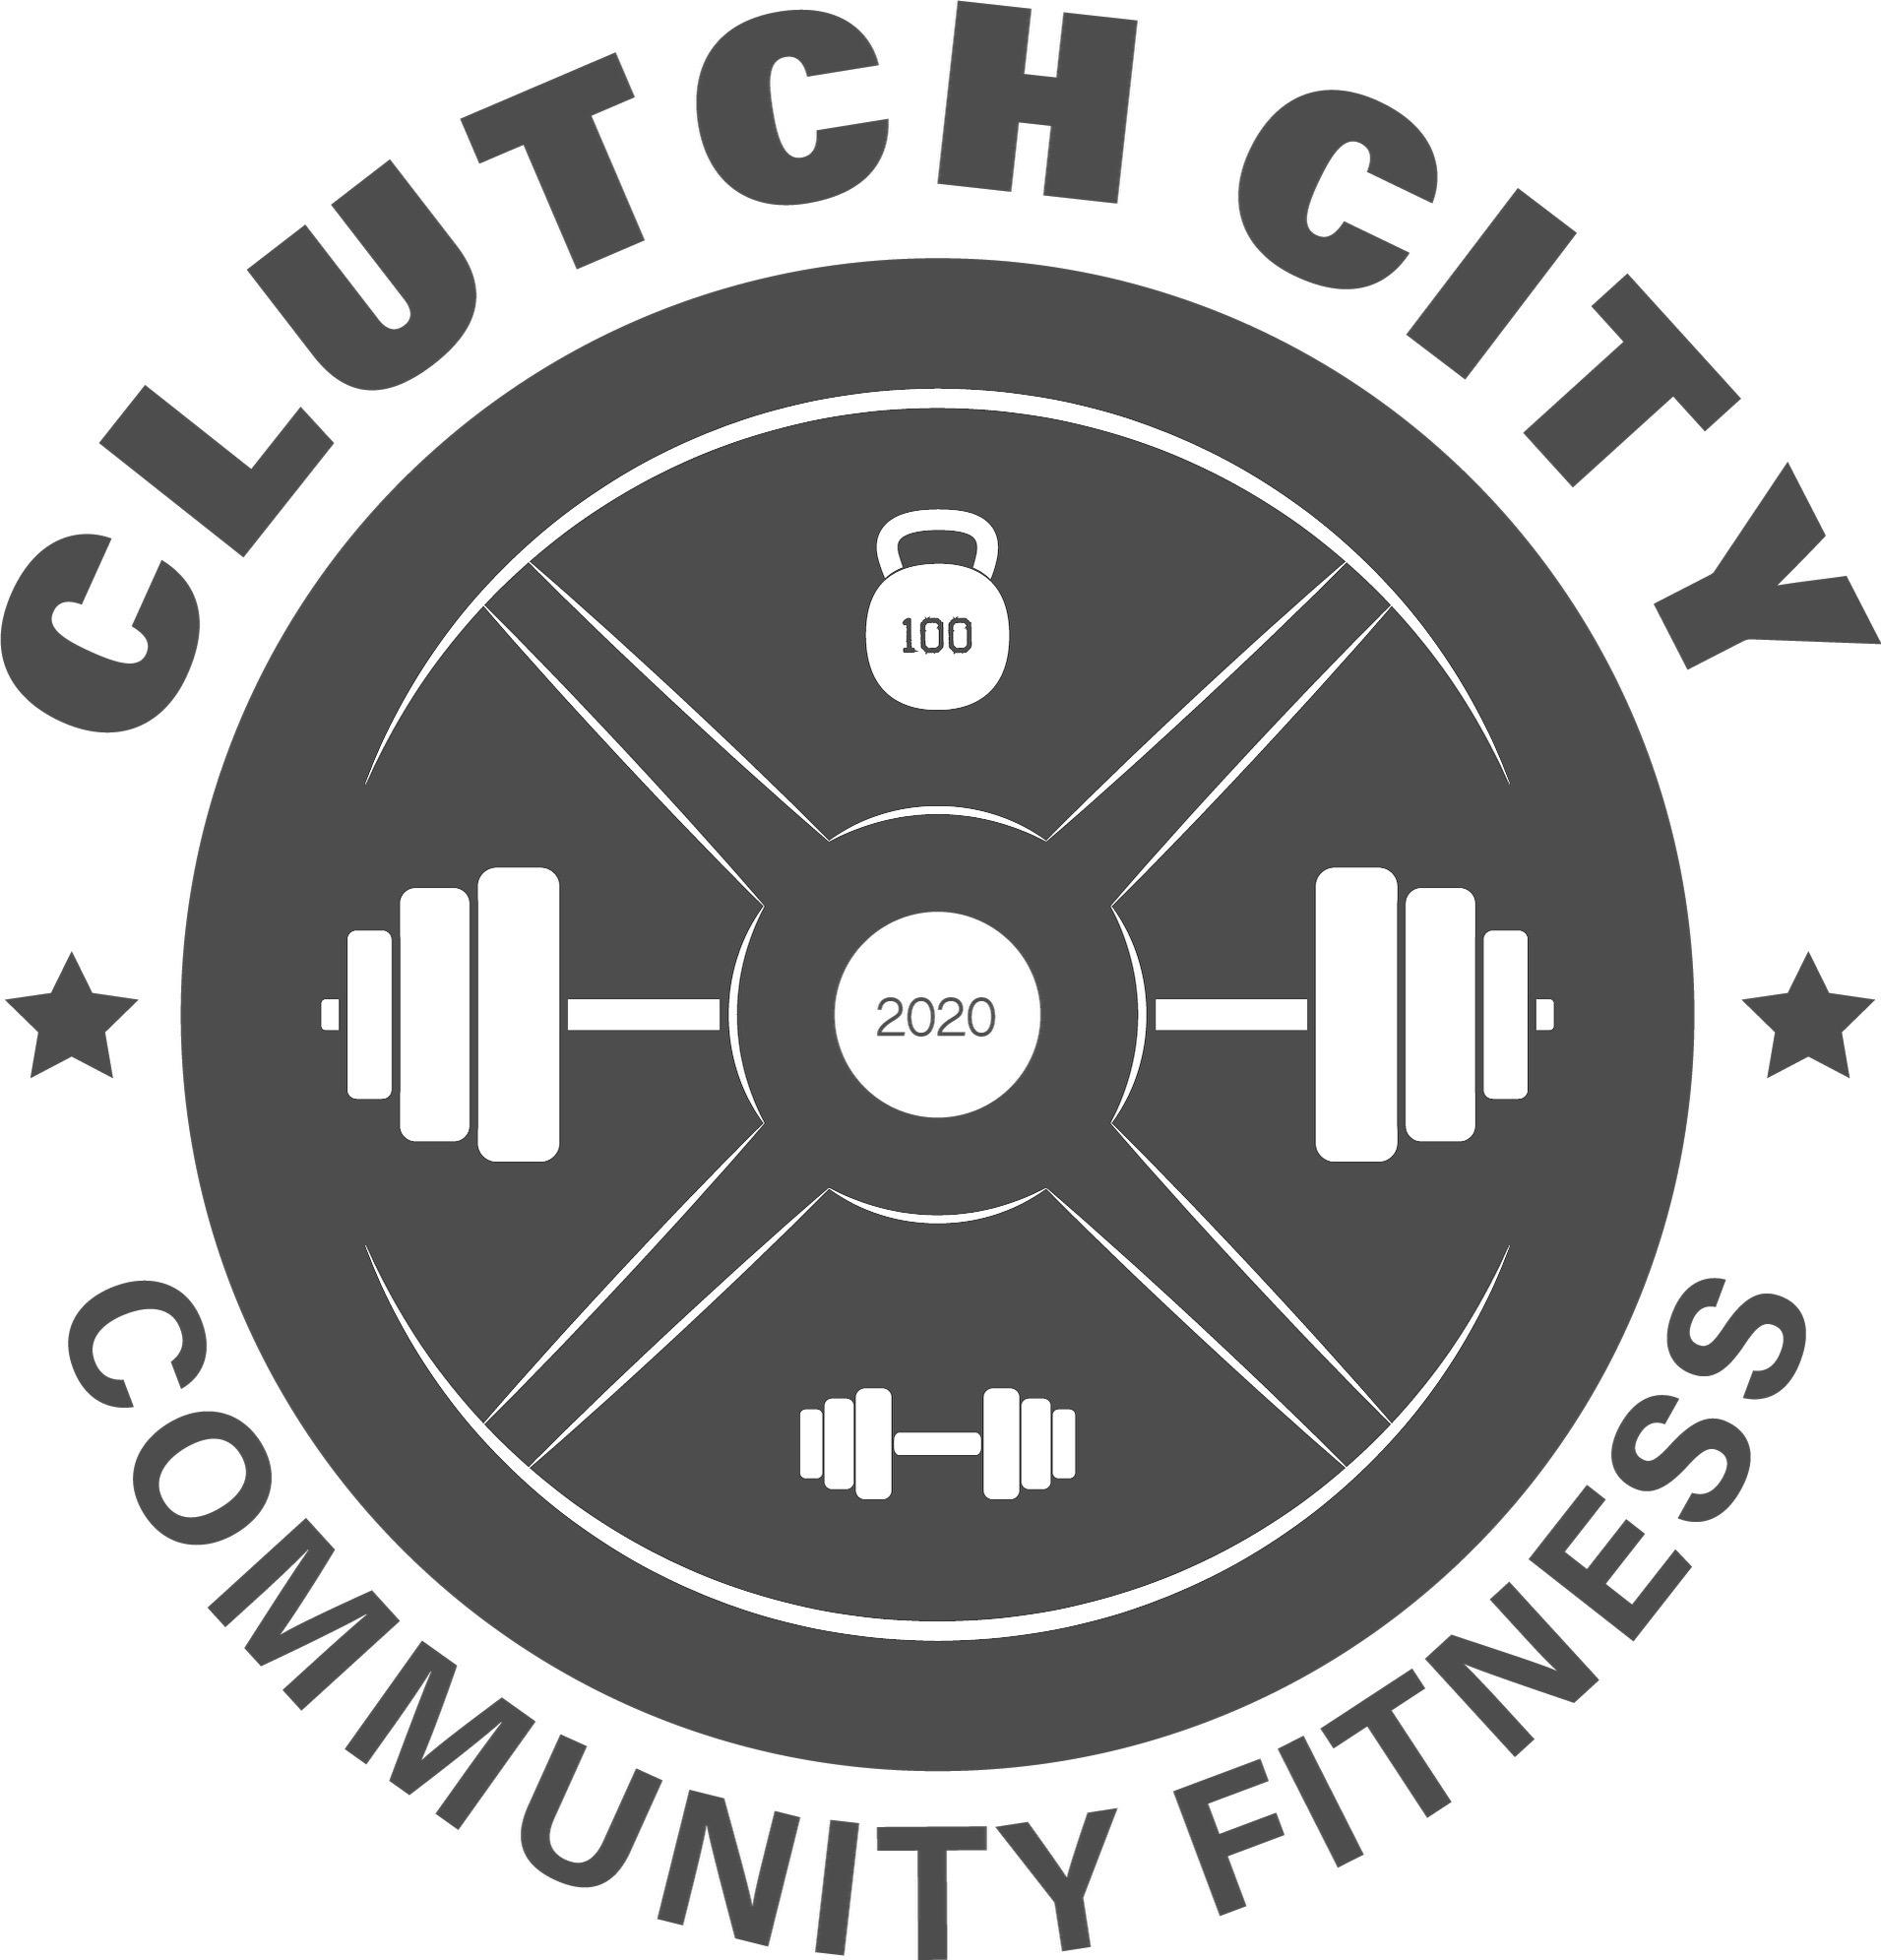 Clutch City CF